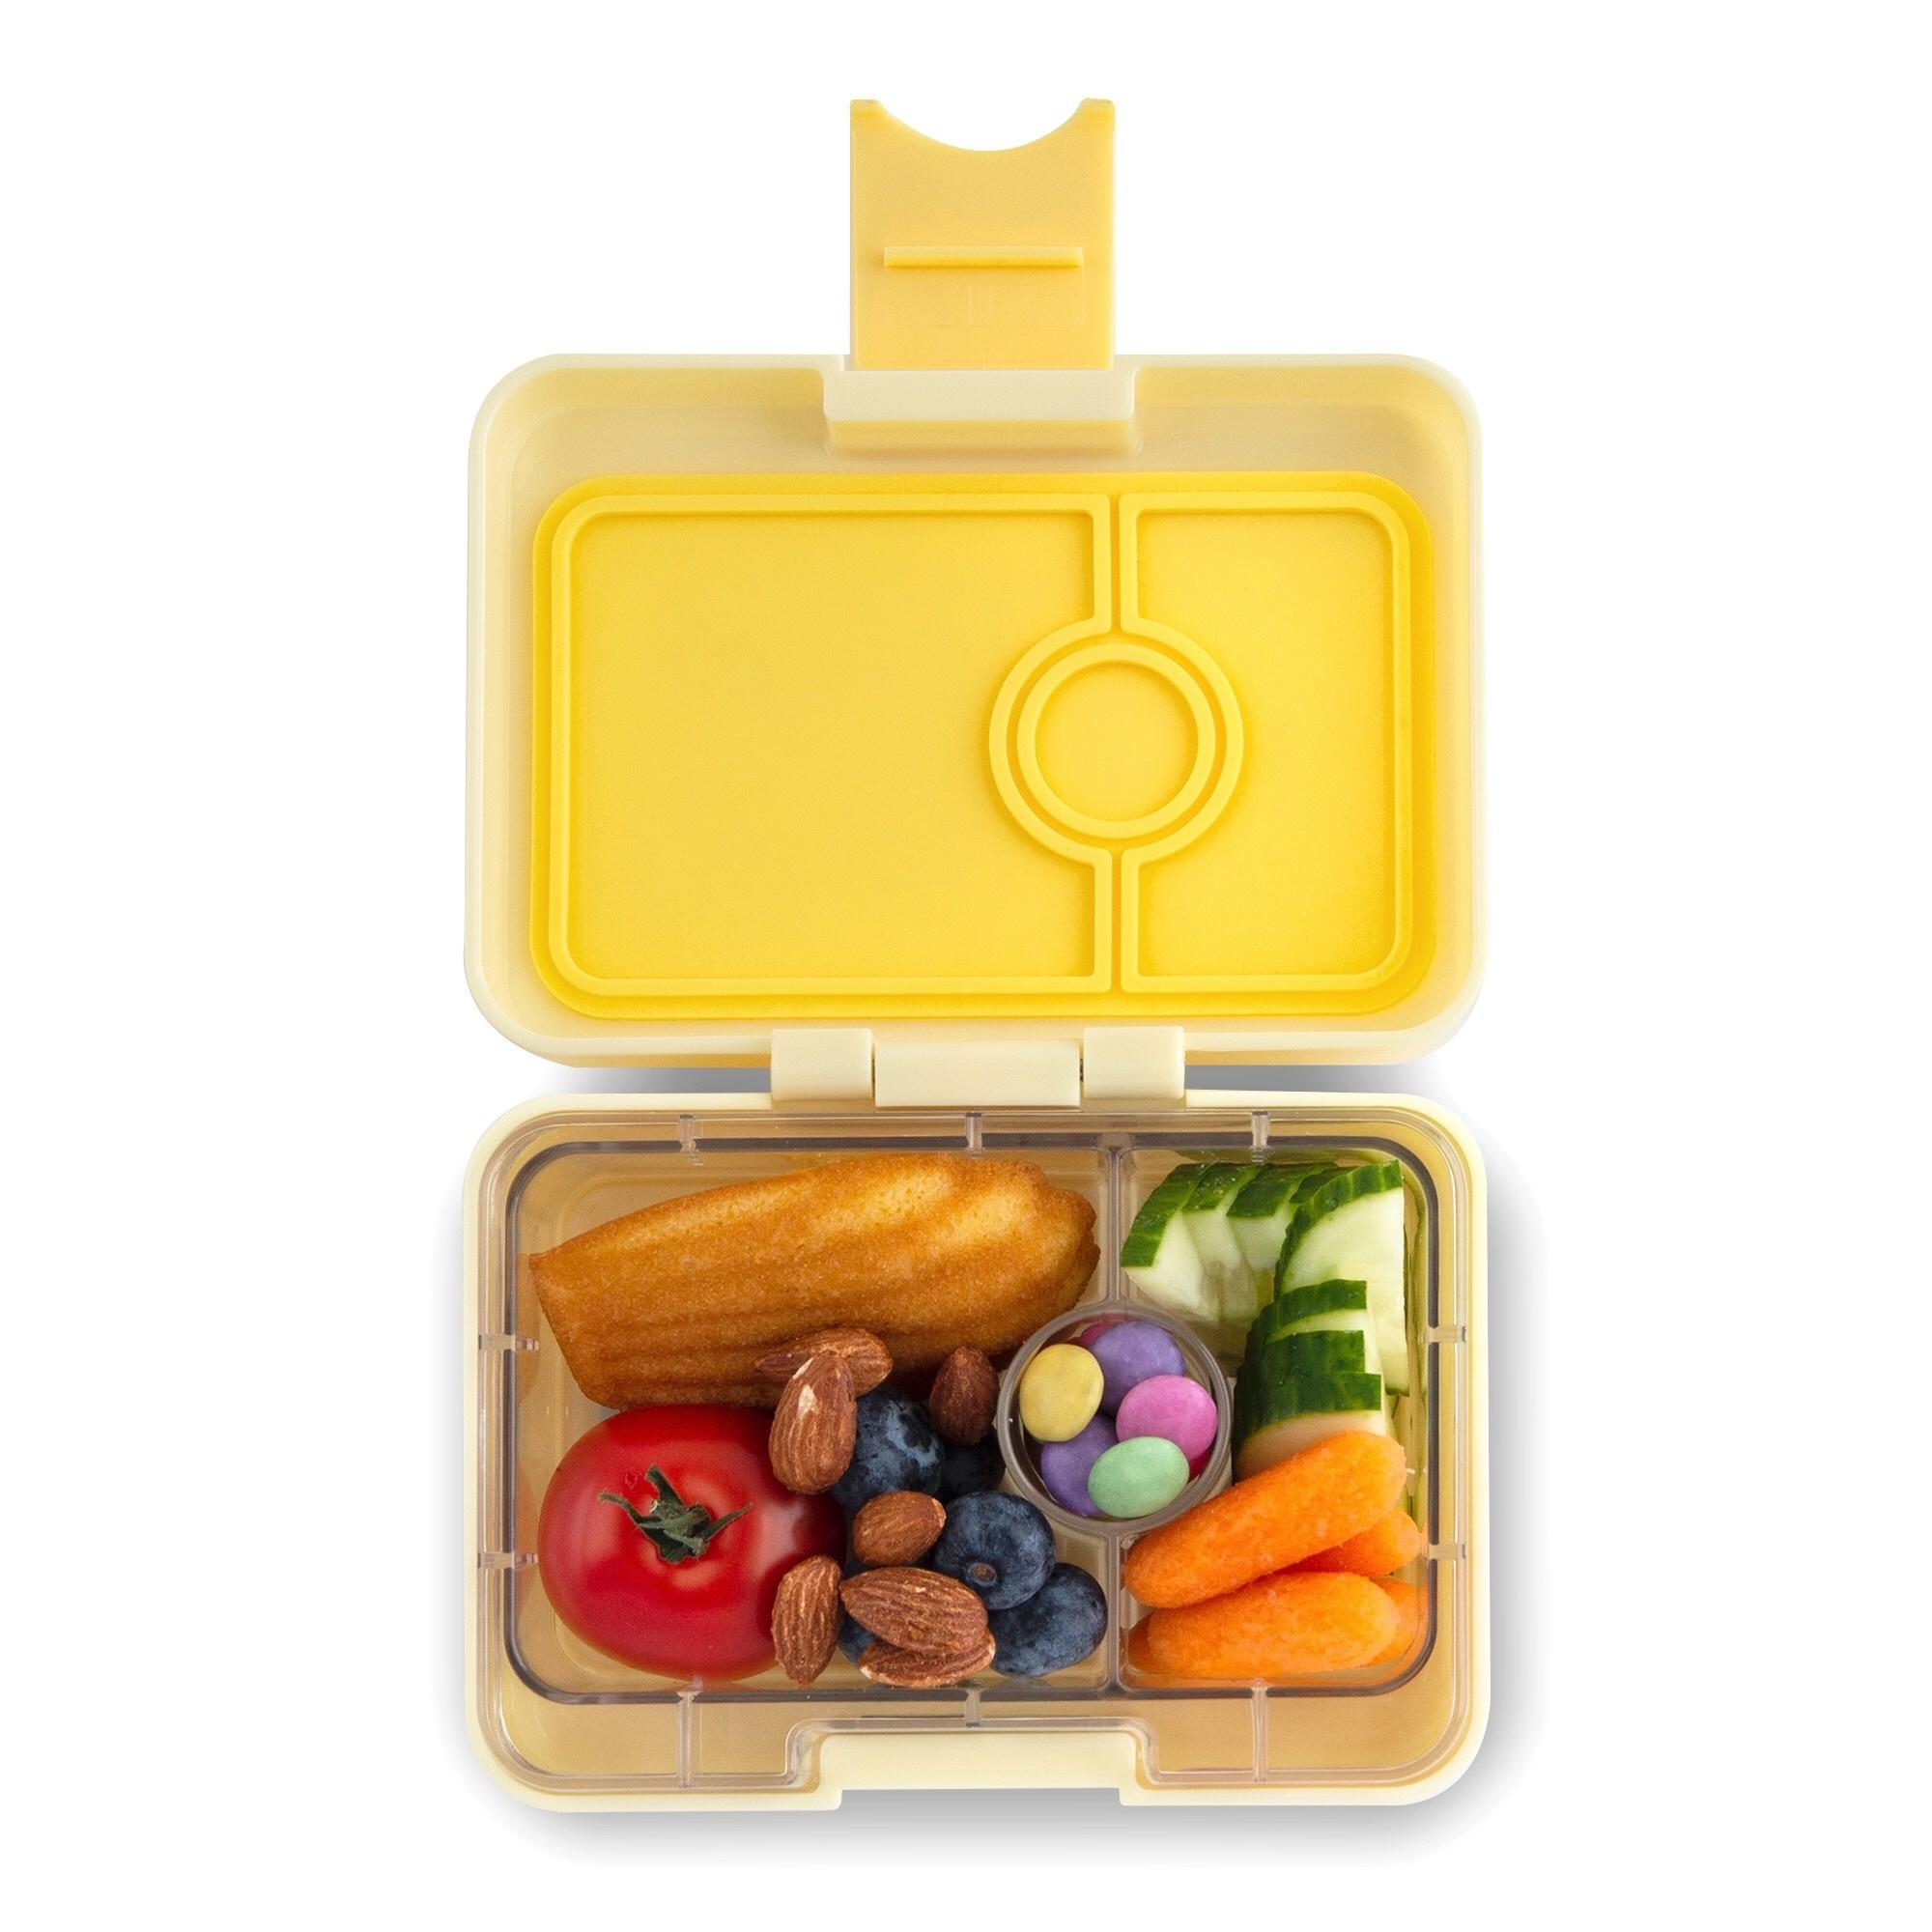 Yumbox MiniSnack broodtrommel 3 vakken Sunburst geel / Toucan tray-2